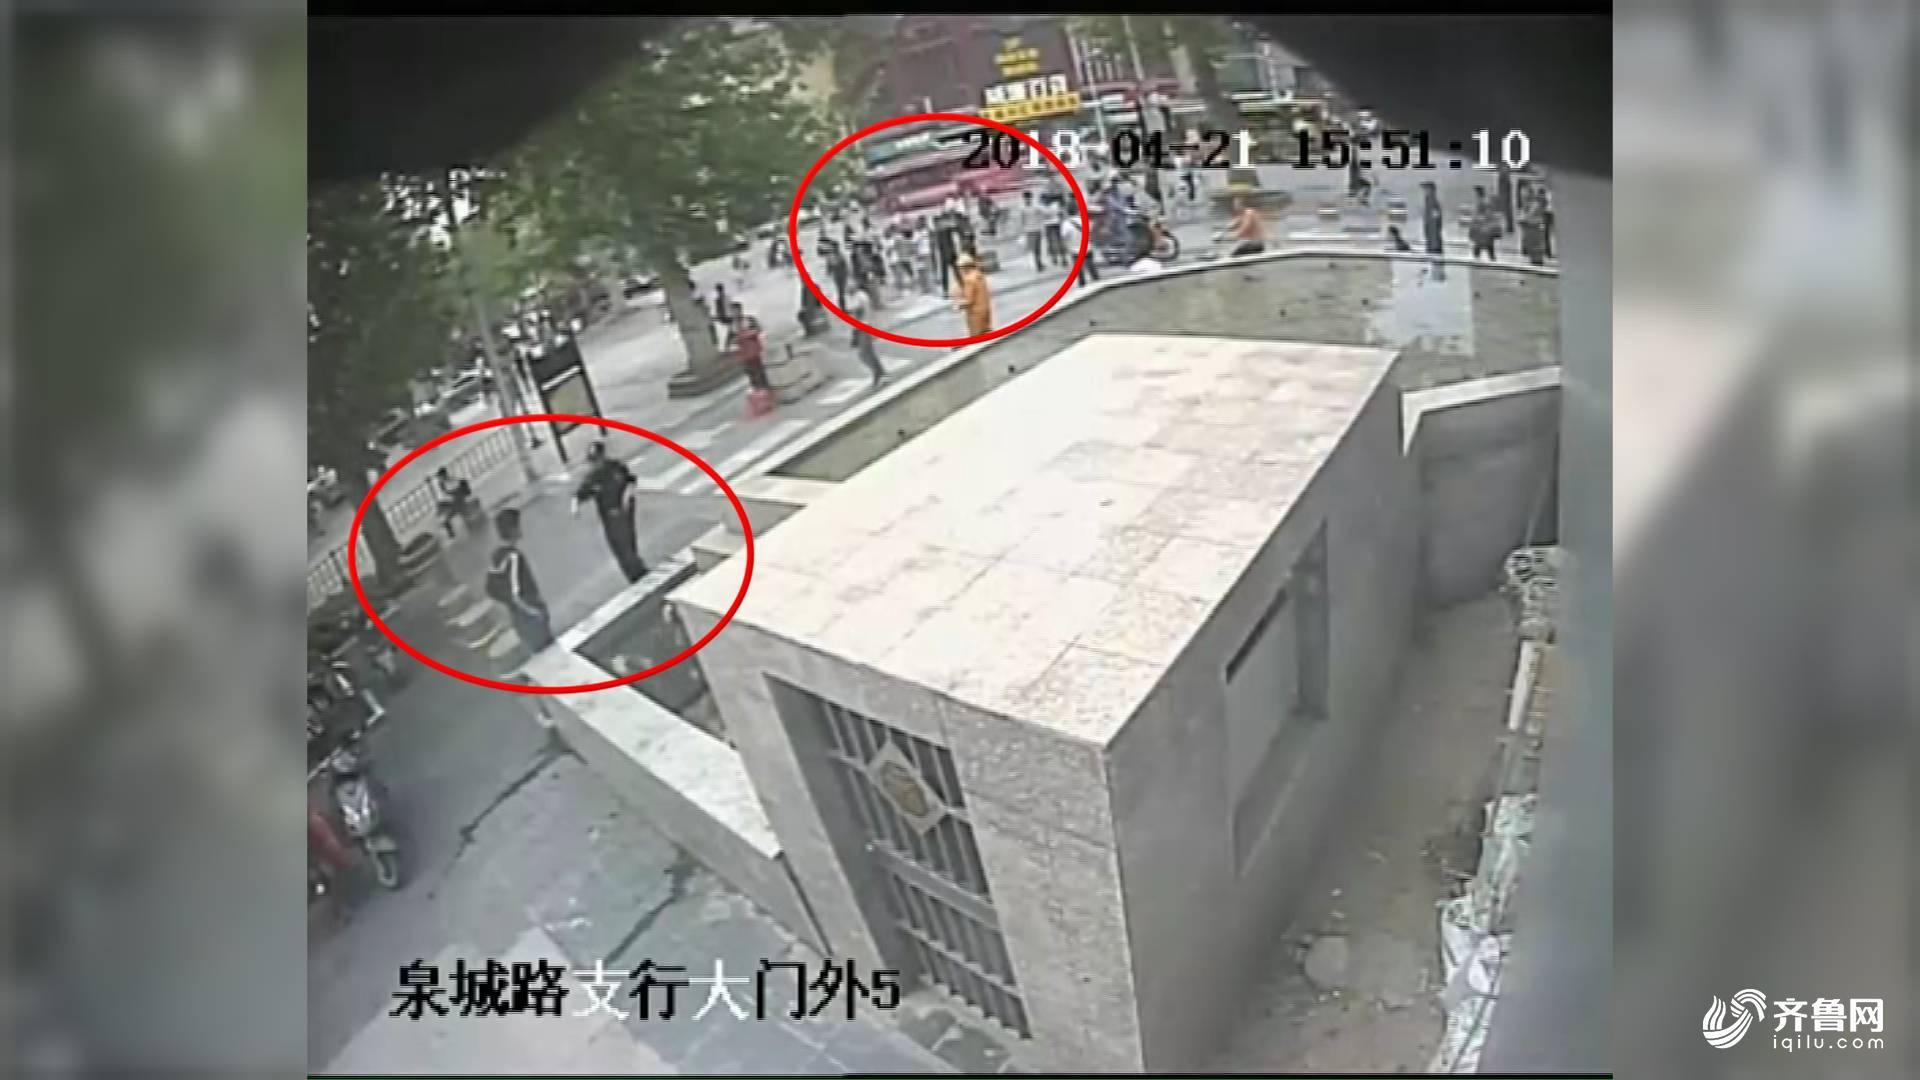 """""""帮我报警""""!济南一被劫持男子办理挂失时打出求救信号 银行火速报警"""